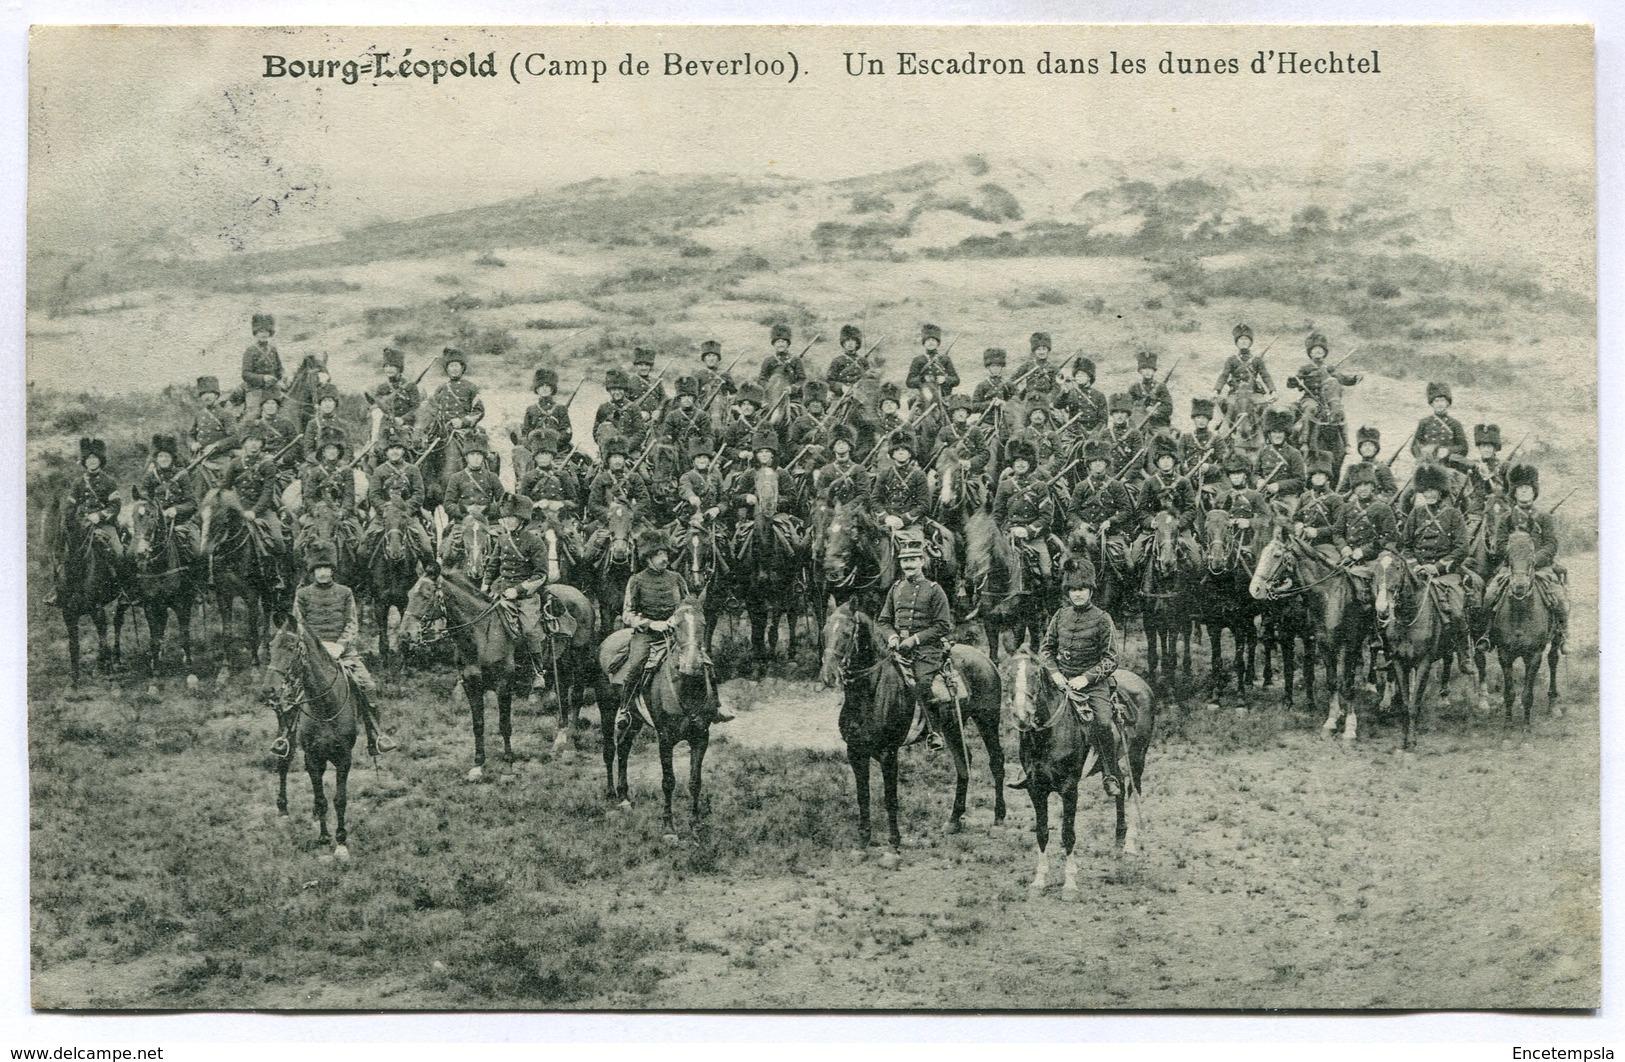 CPA - Carte Postale - Belgique - Bourg Léopold - Camp De Beverloo - Un Escadron Dans Les Dunes D'Hechtel - 1912 (M7427) - Leopoldsburg (Camp De Beverloo)